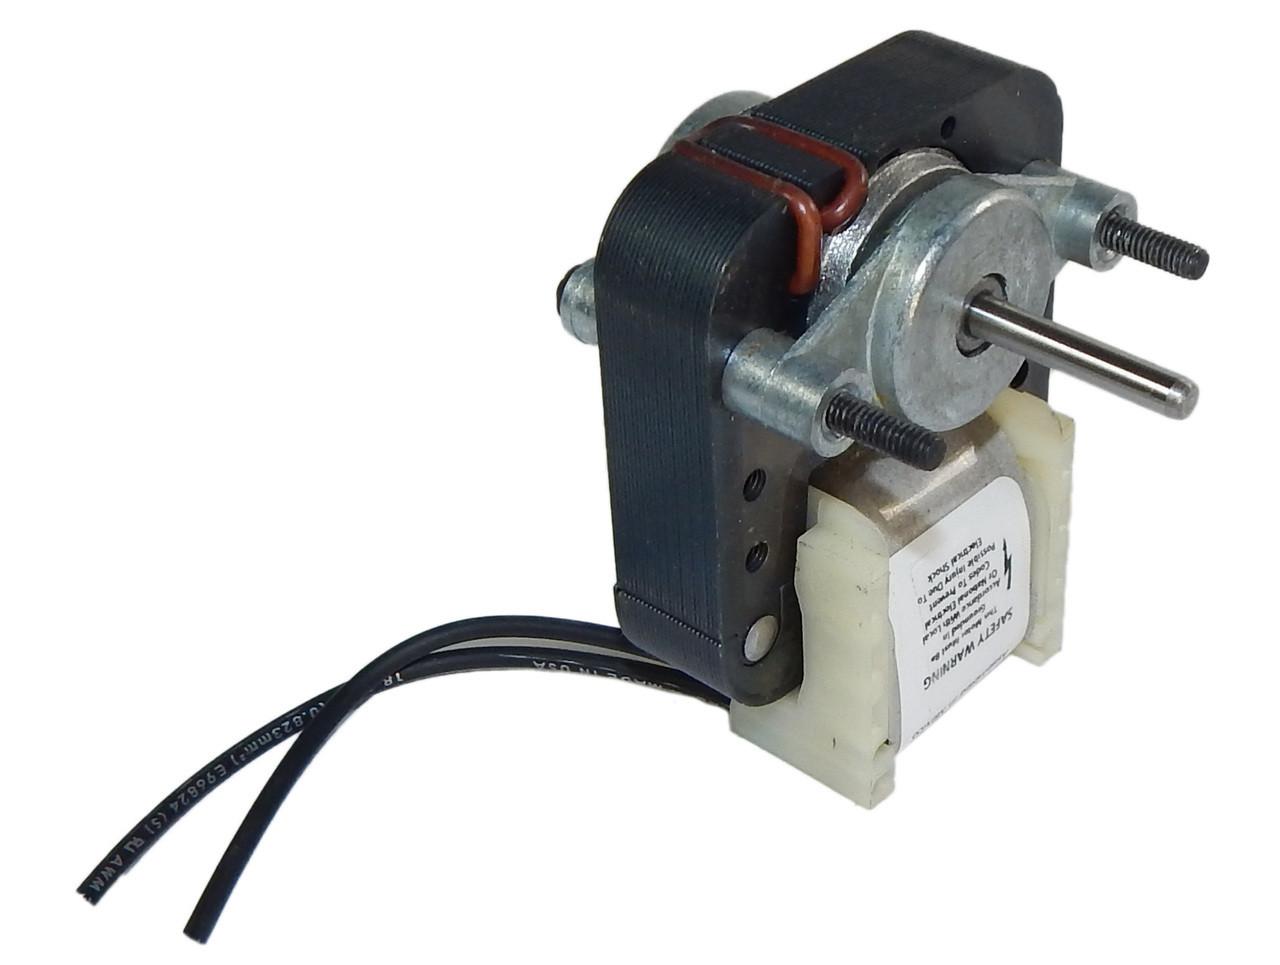 ventilation fan motor wiring diagram in [ 1280 x 965 Pixel ]